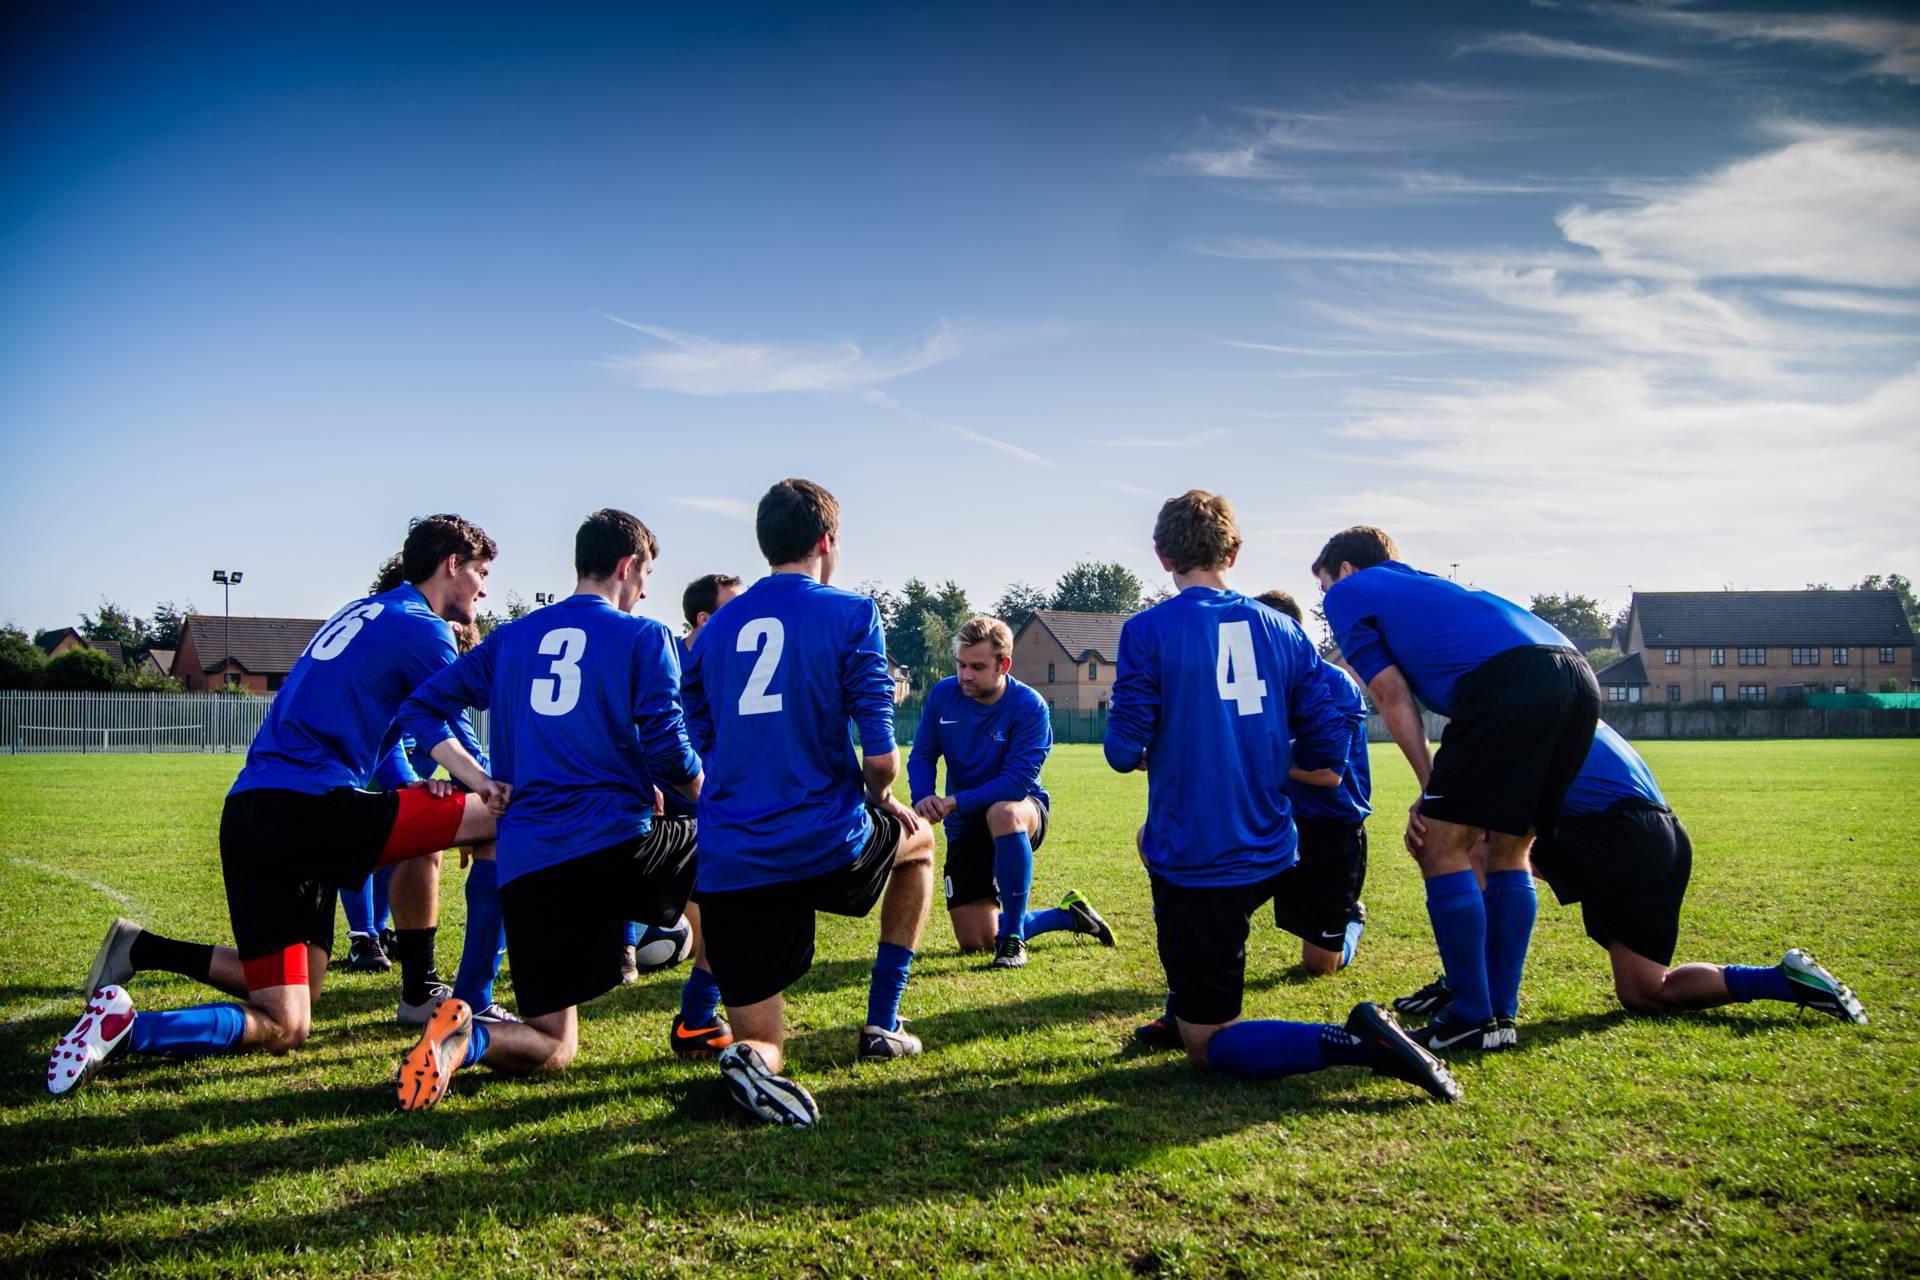 ασφαλεια αθλητων ομαδων σωματειων